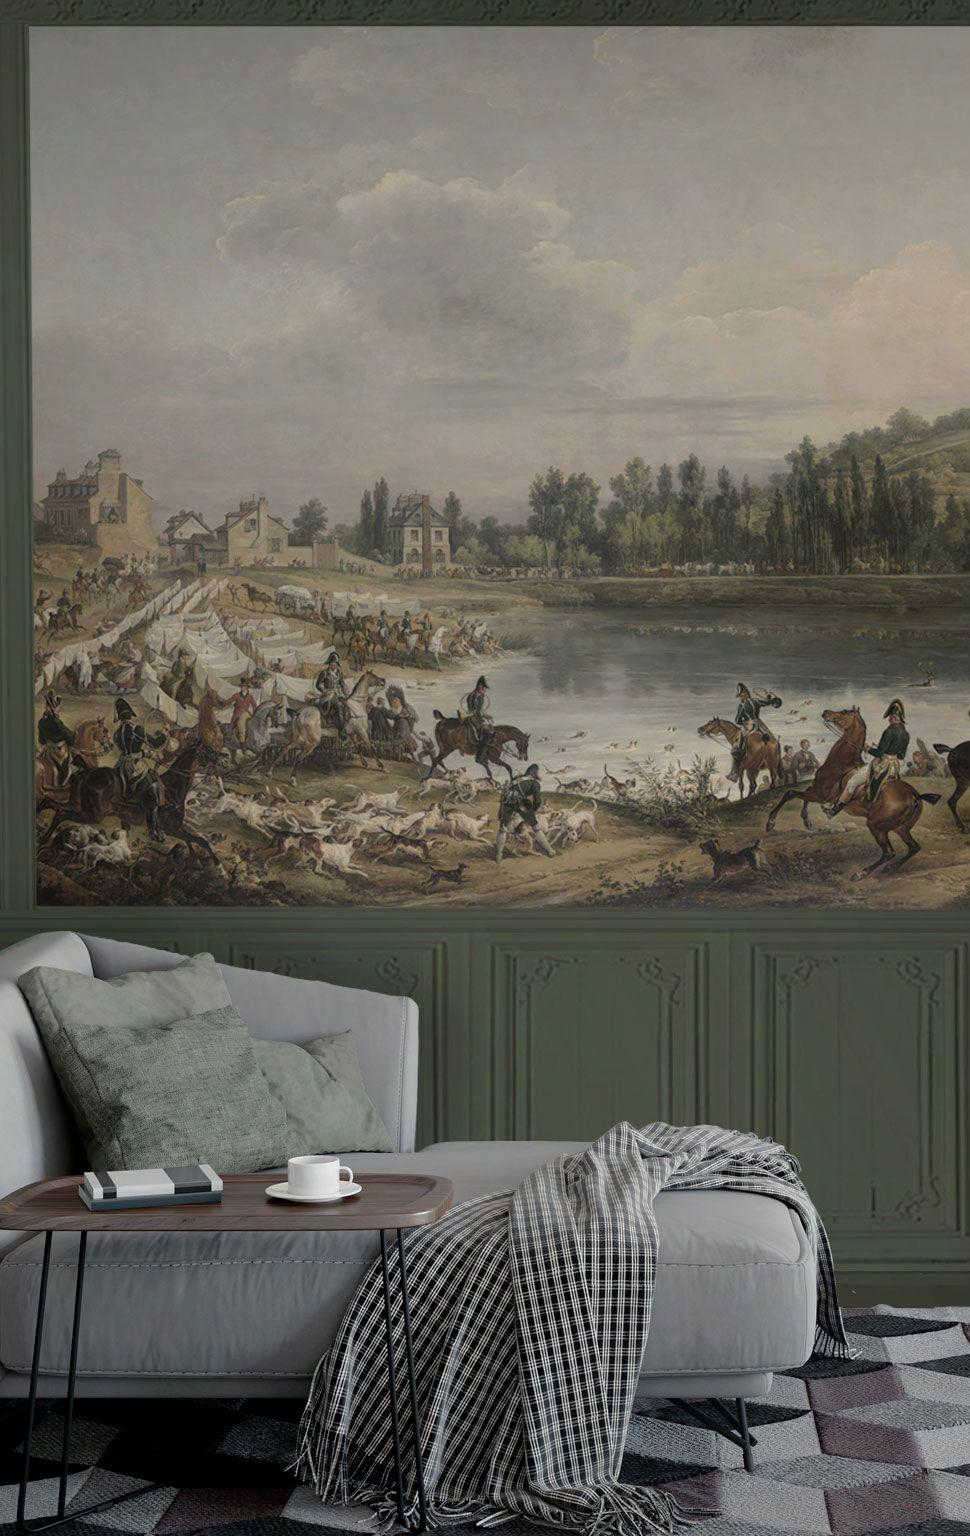 Papier peint panoramique - mural wallpaper - H 186 x L 274 cm -d'après Carle Vernet. Magnifique ...